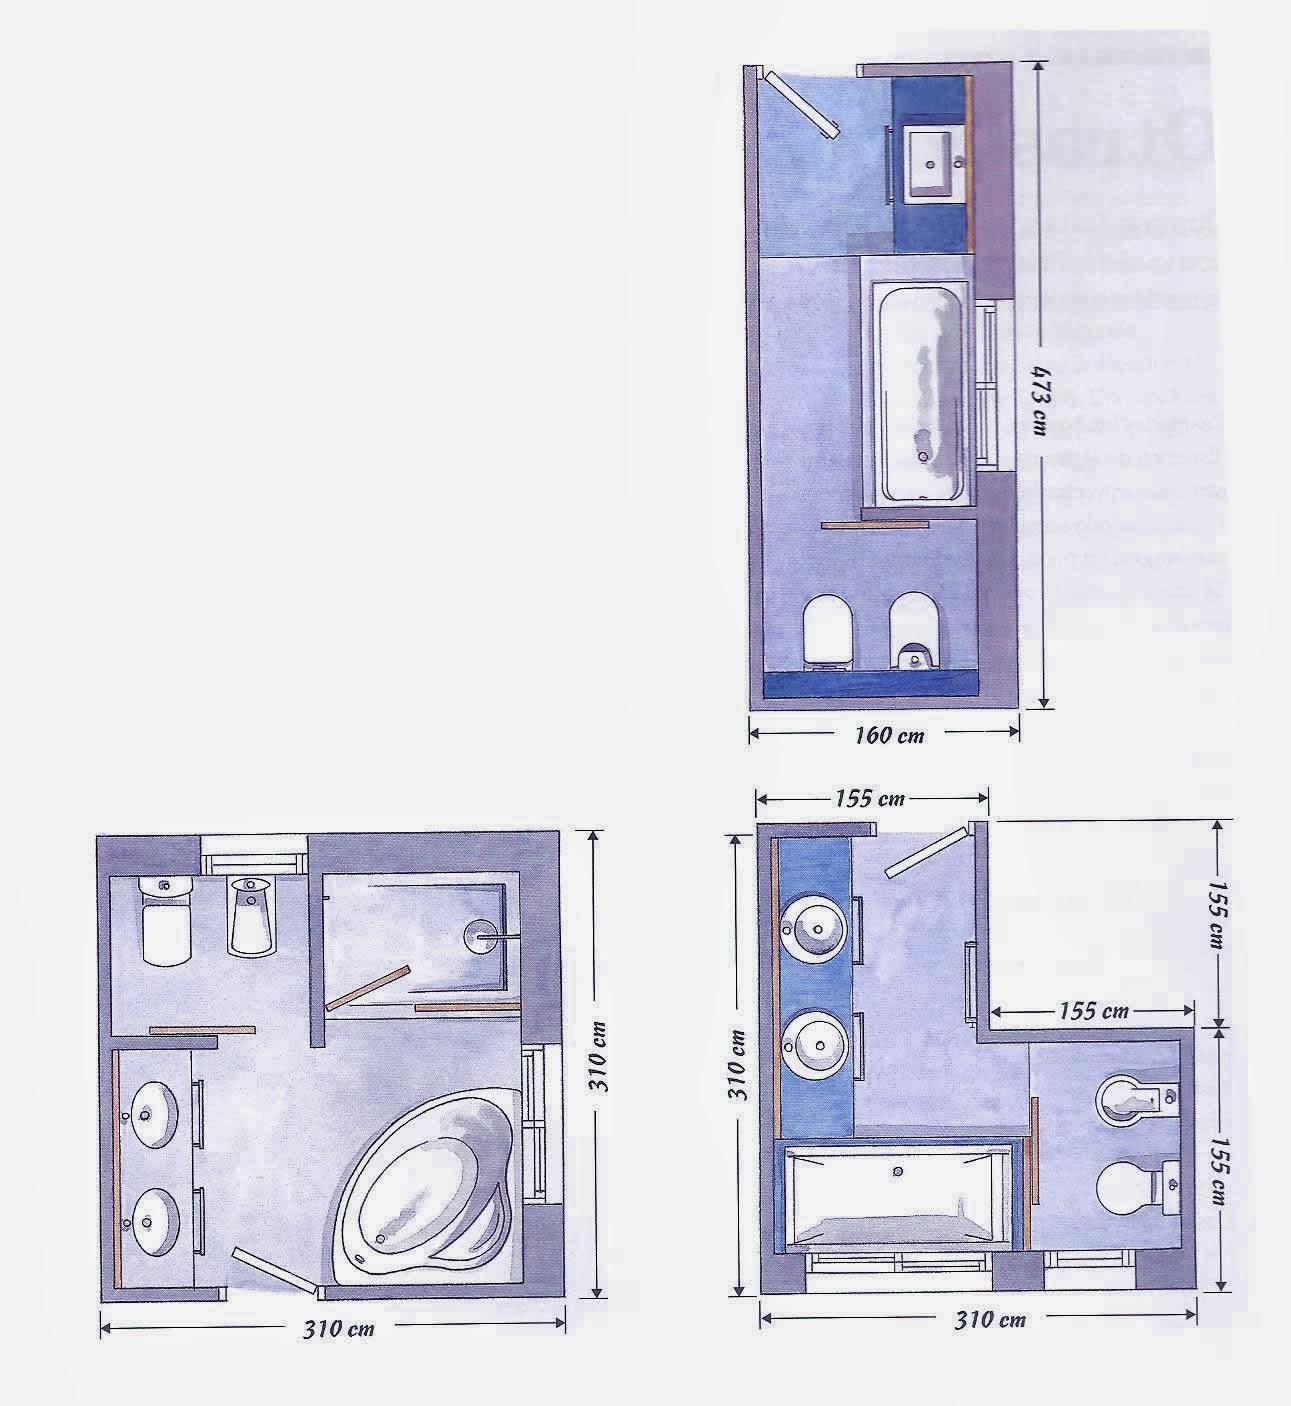 Muebles De Baño Karol:plantas de baños con todos los elementos la distribución de